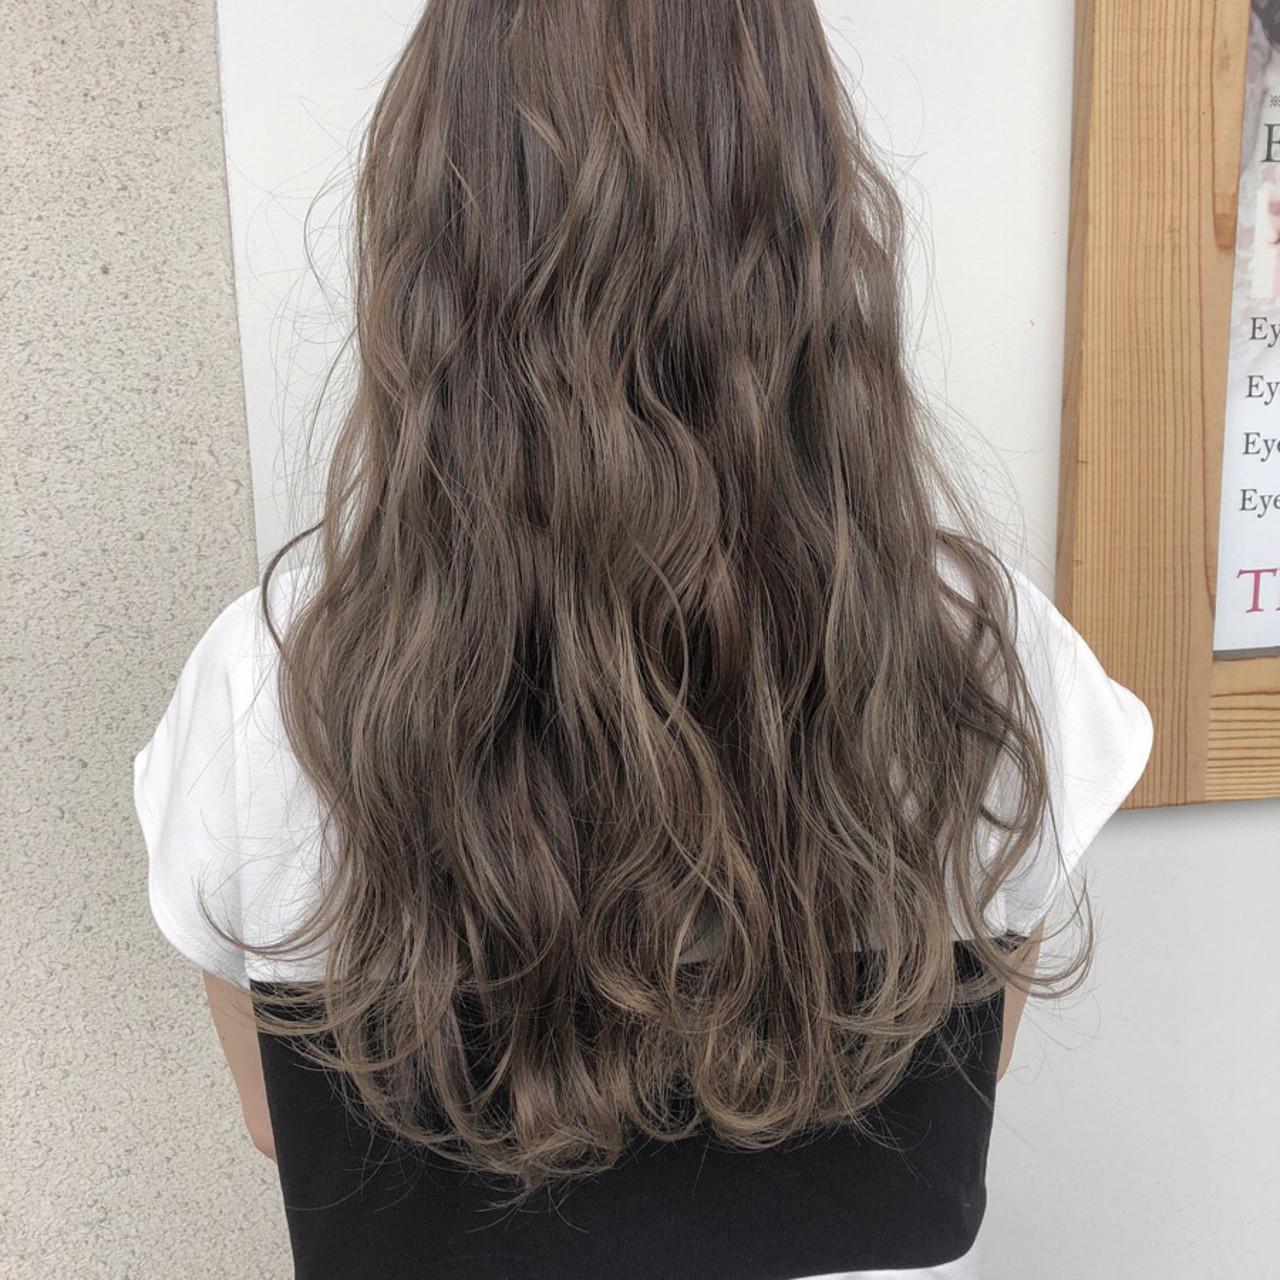 グレージュ ハイライト 外国人風 コンサバ ヘアスタイルや髪型の写真・画像 | 國方 大靖 / JILL franc(ジル フラン)